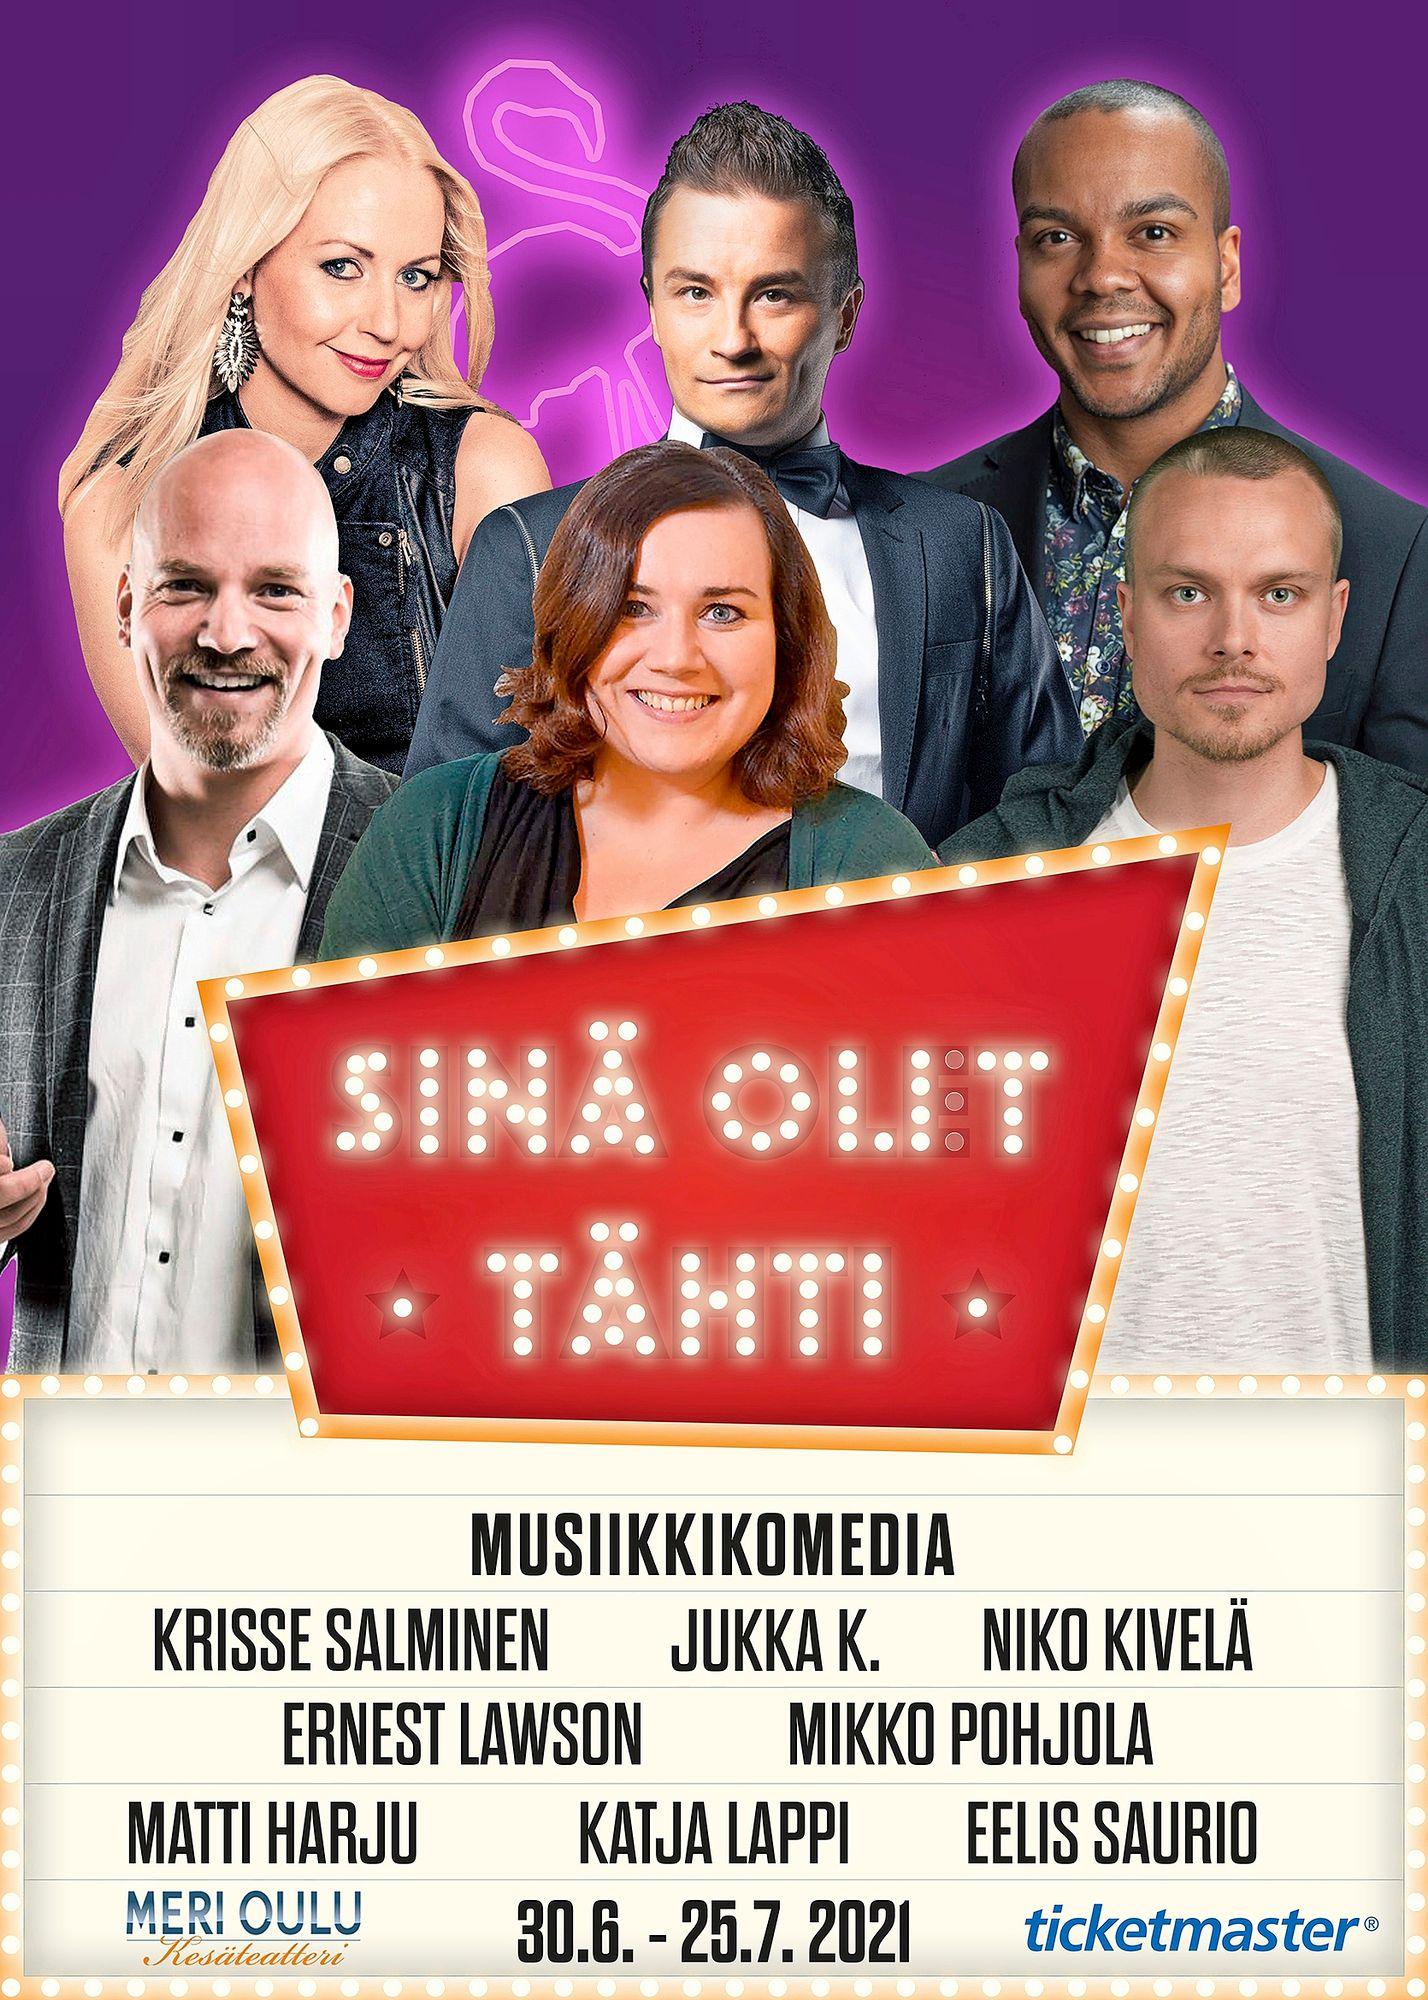 Sinä olit tähti © Meri Oulun Kesäteatteri